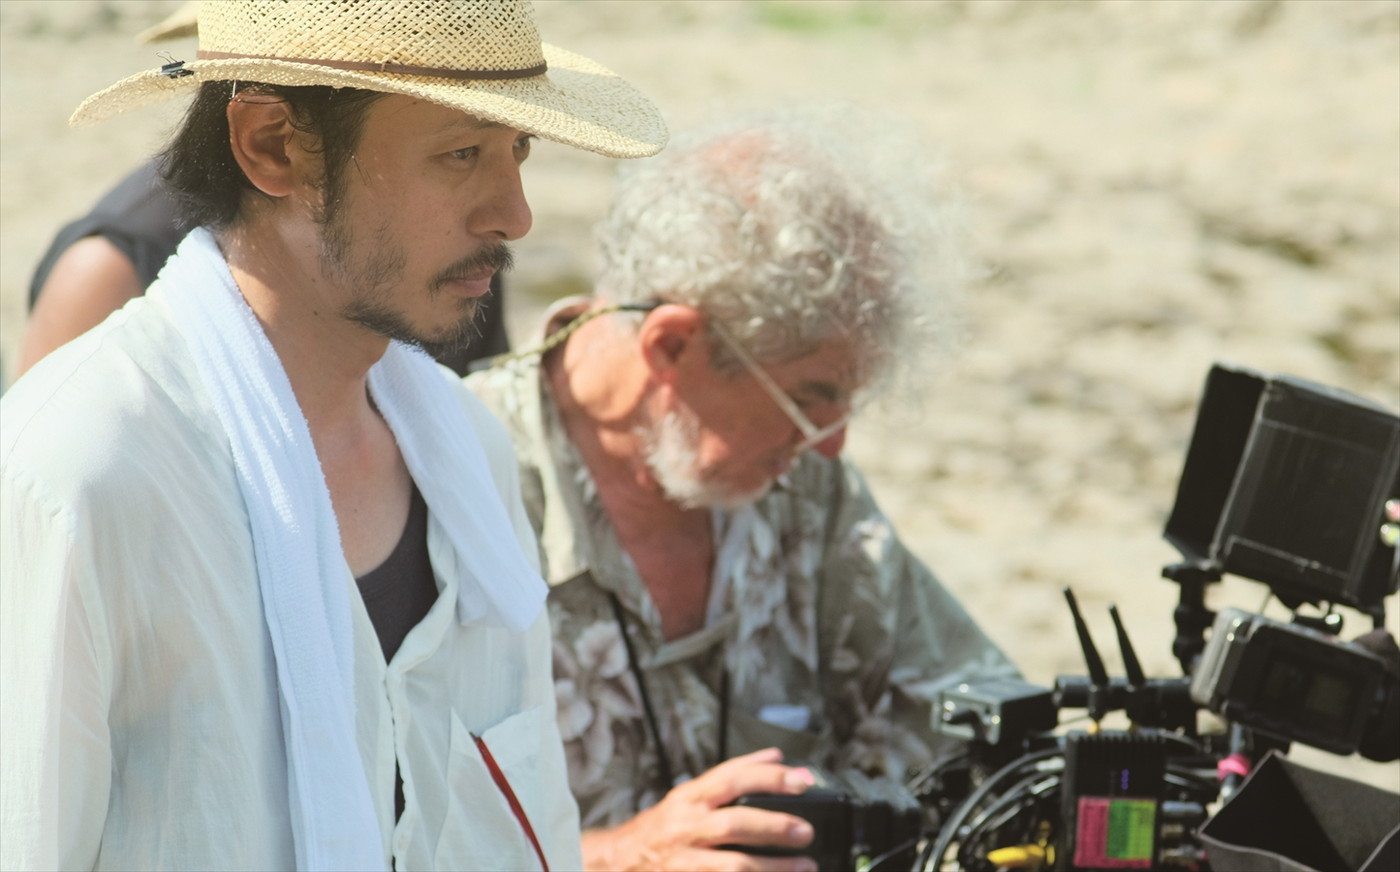 左から、オダギリジョー監督、クリストファー・ドイル撮影監督 『ある船頭の話』 (C)2019「ある船頭の話」製作委員会